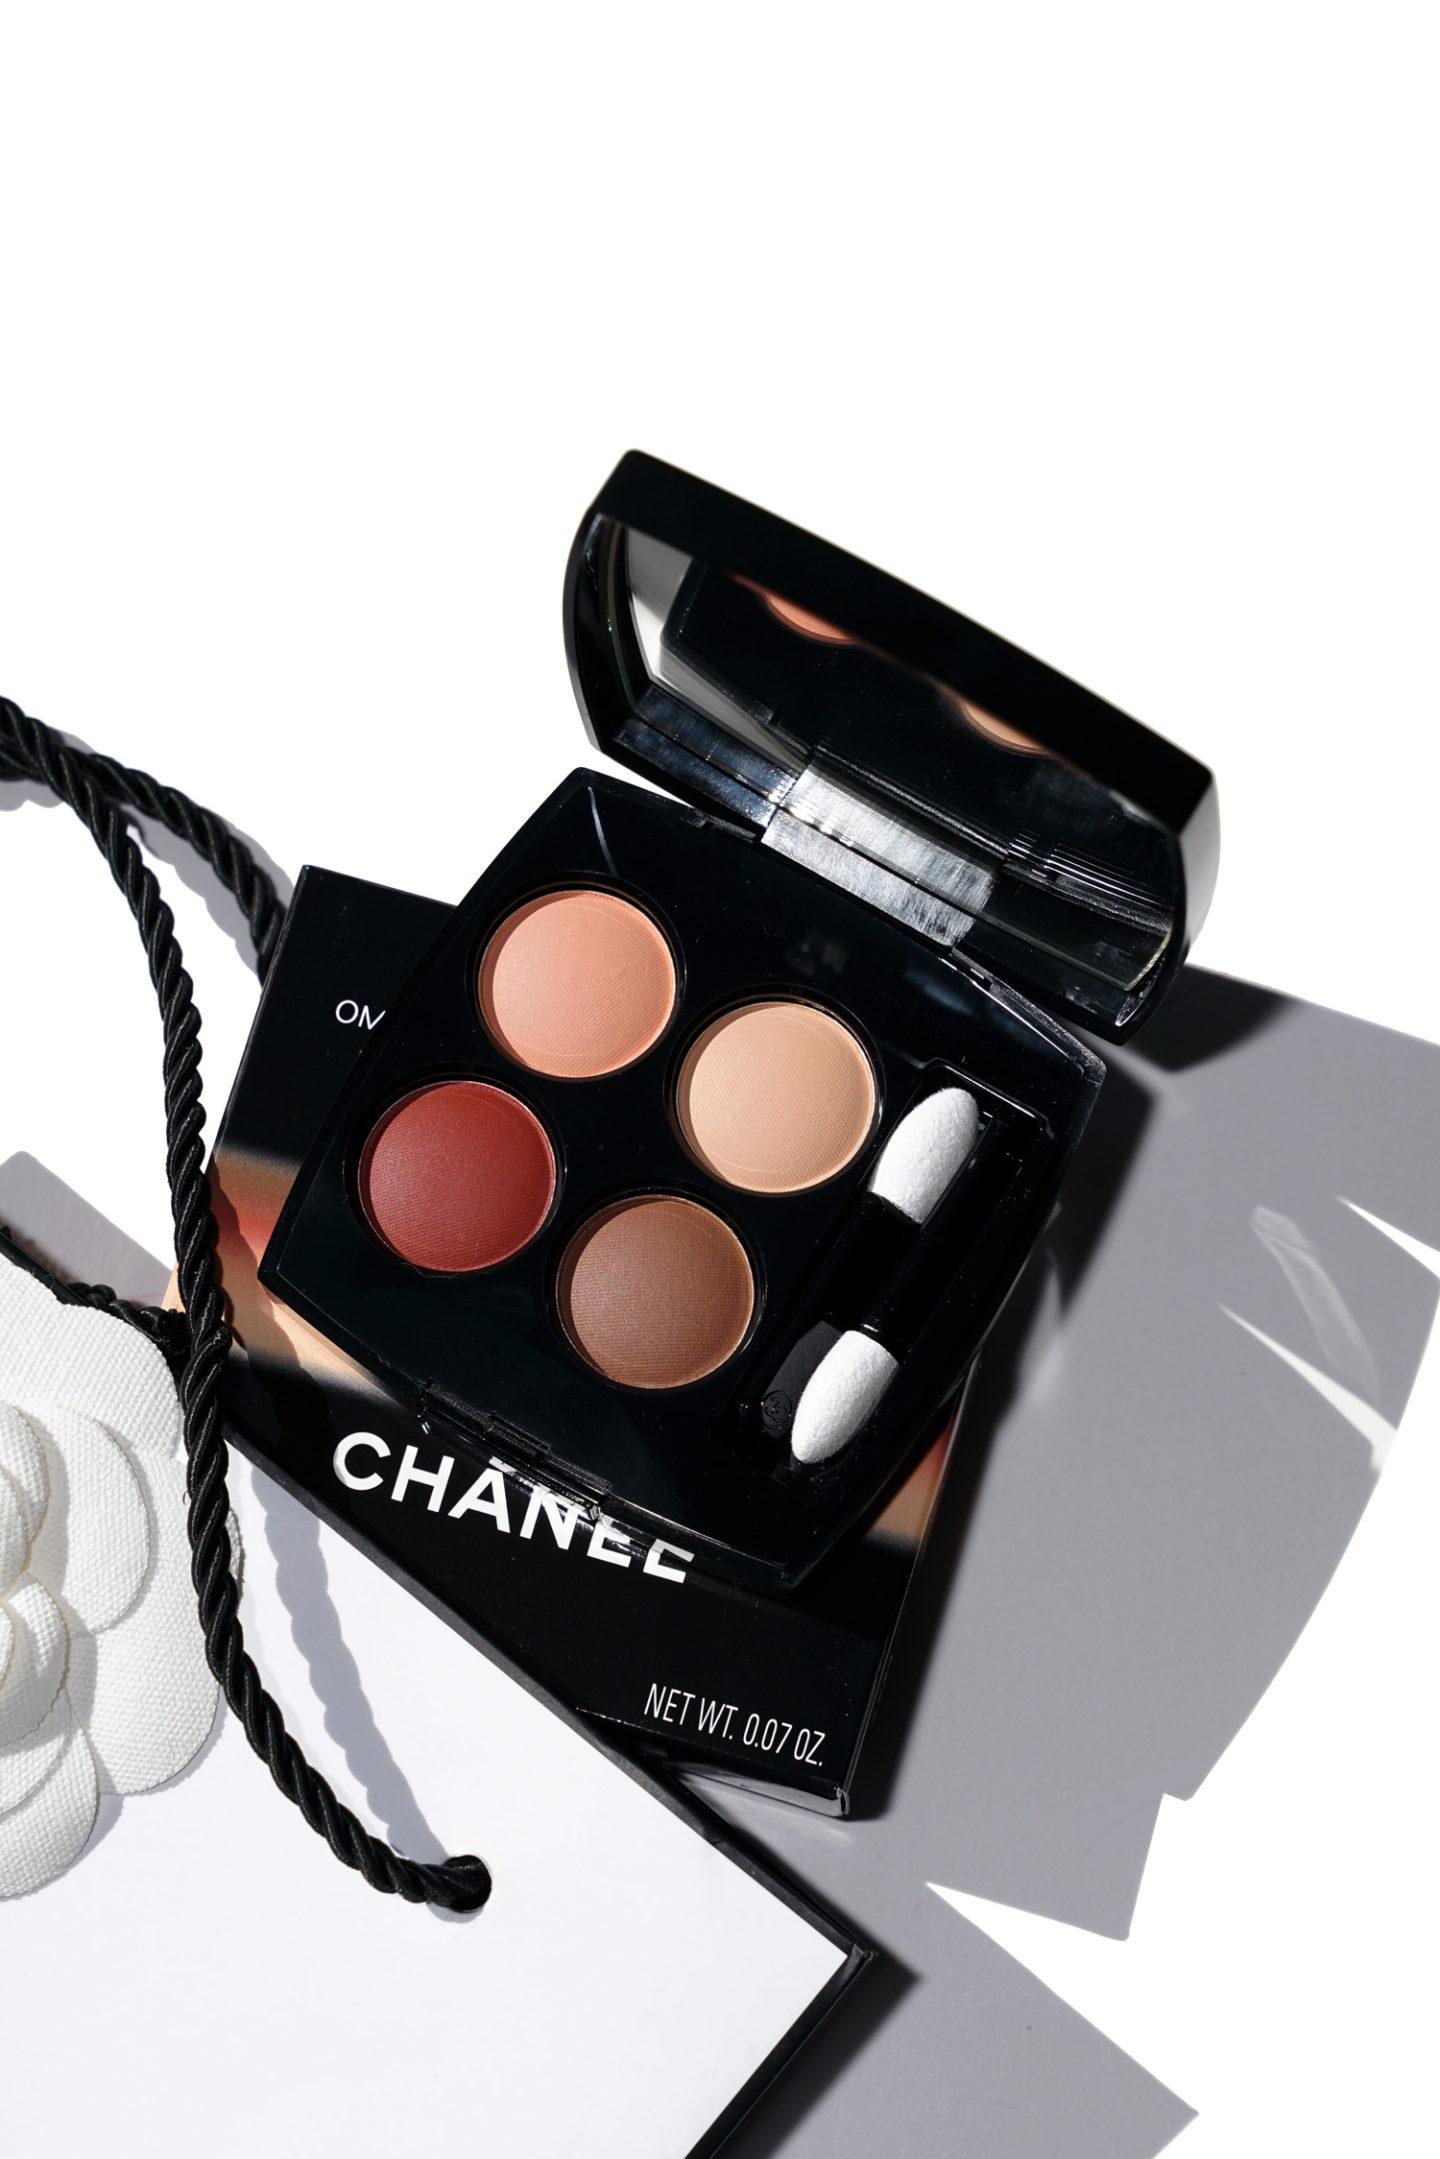 Chanel Legerete Et Experience Fard À Paupières Quad - Les 4 Ombres | Le look book beauté